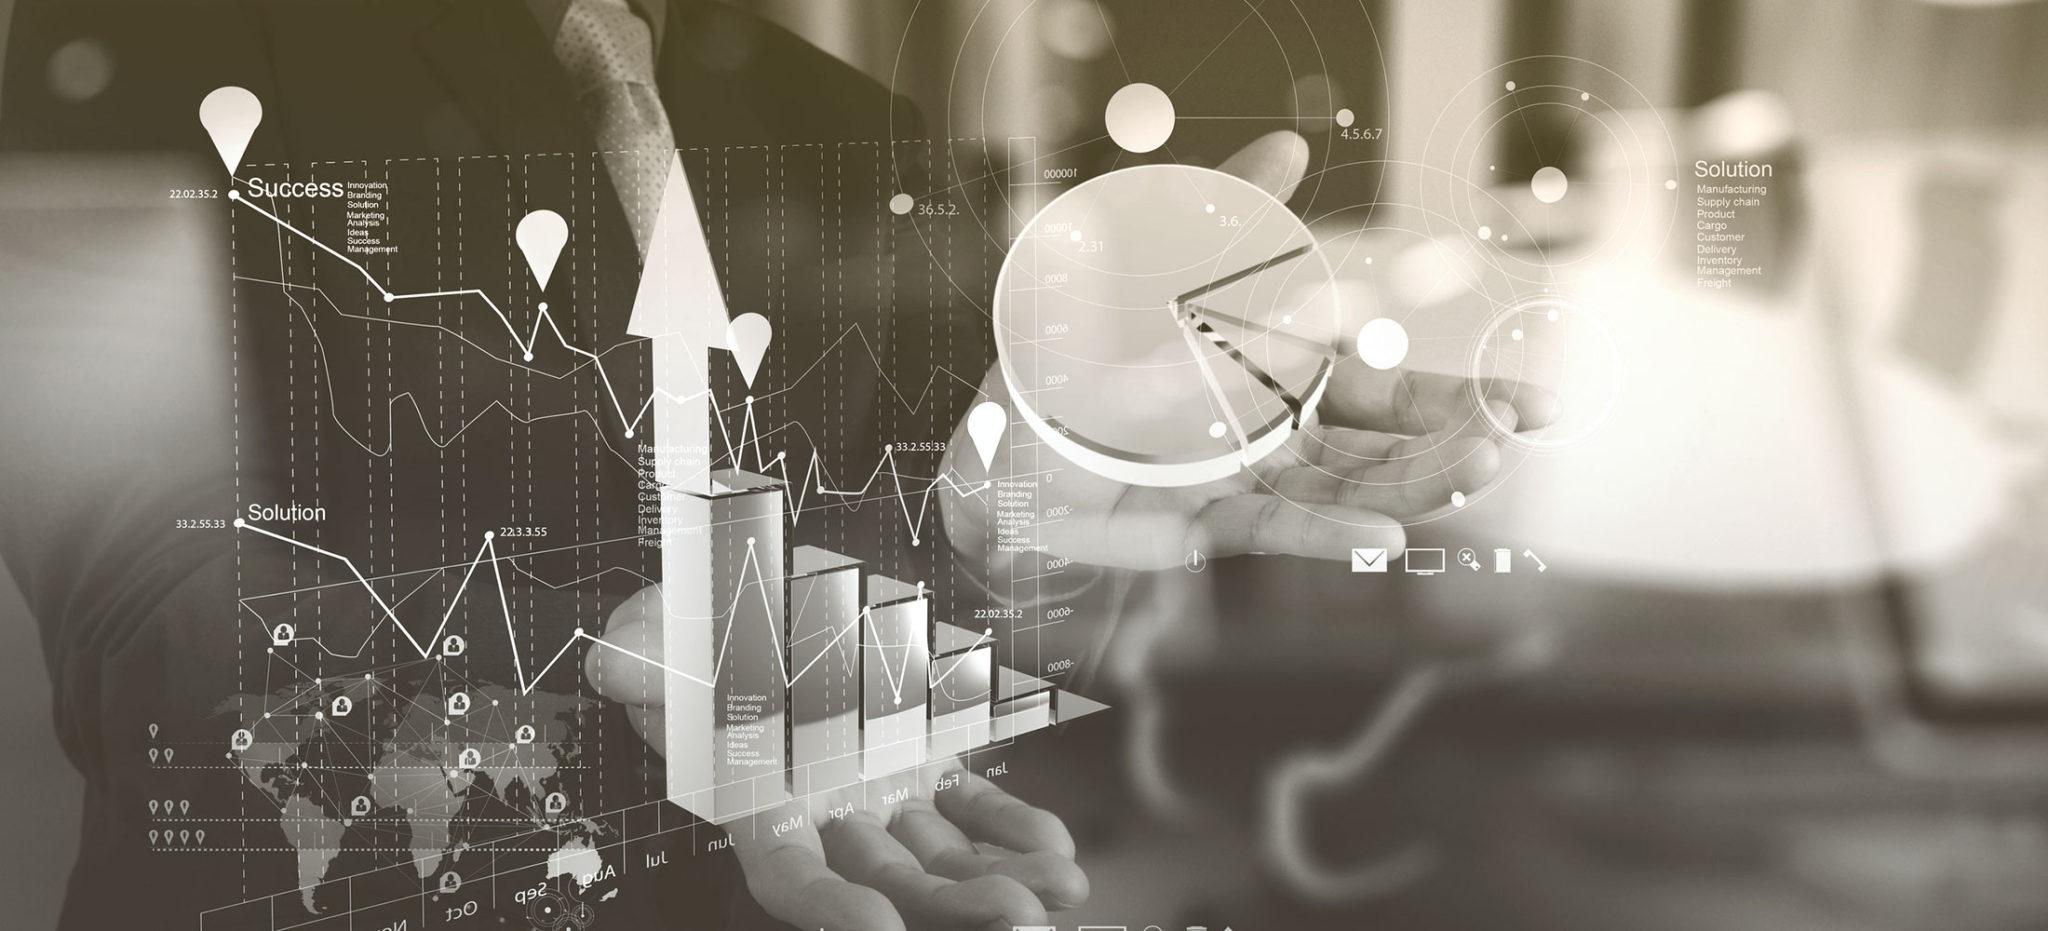 Swap-Bewertung und -Analyse